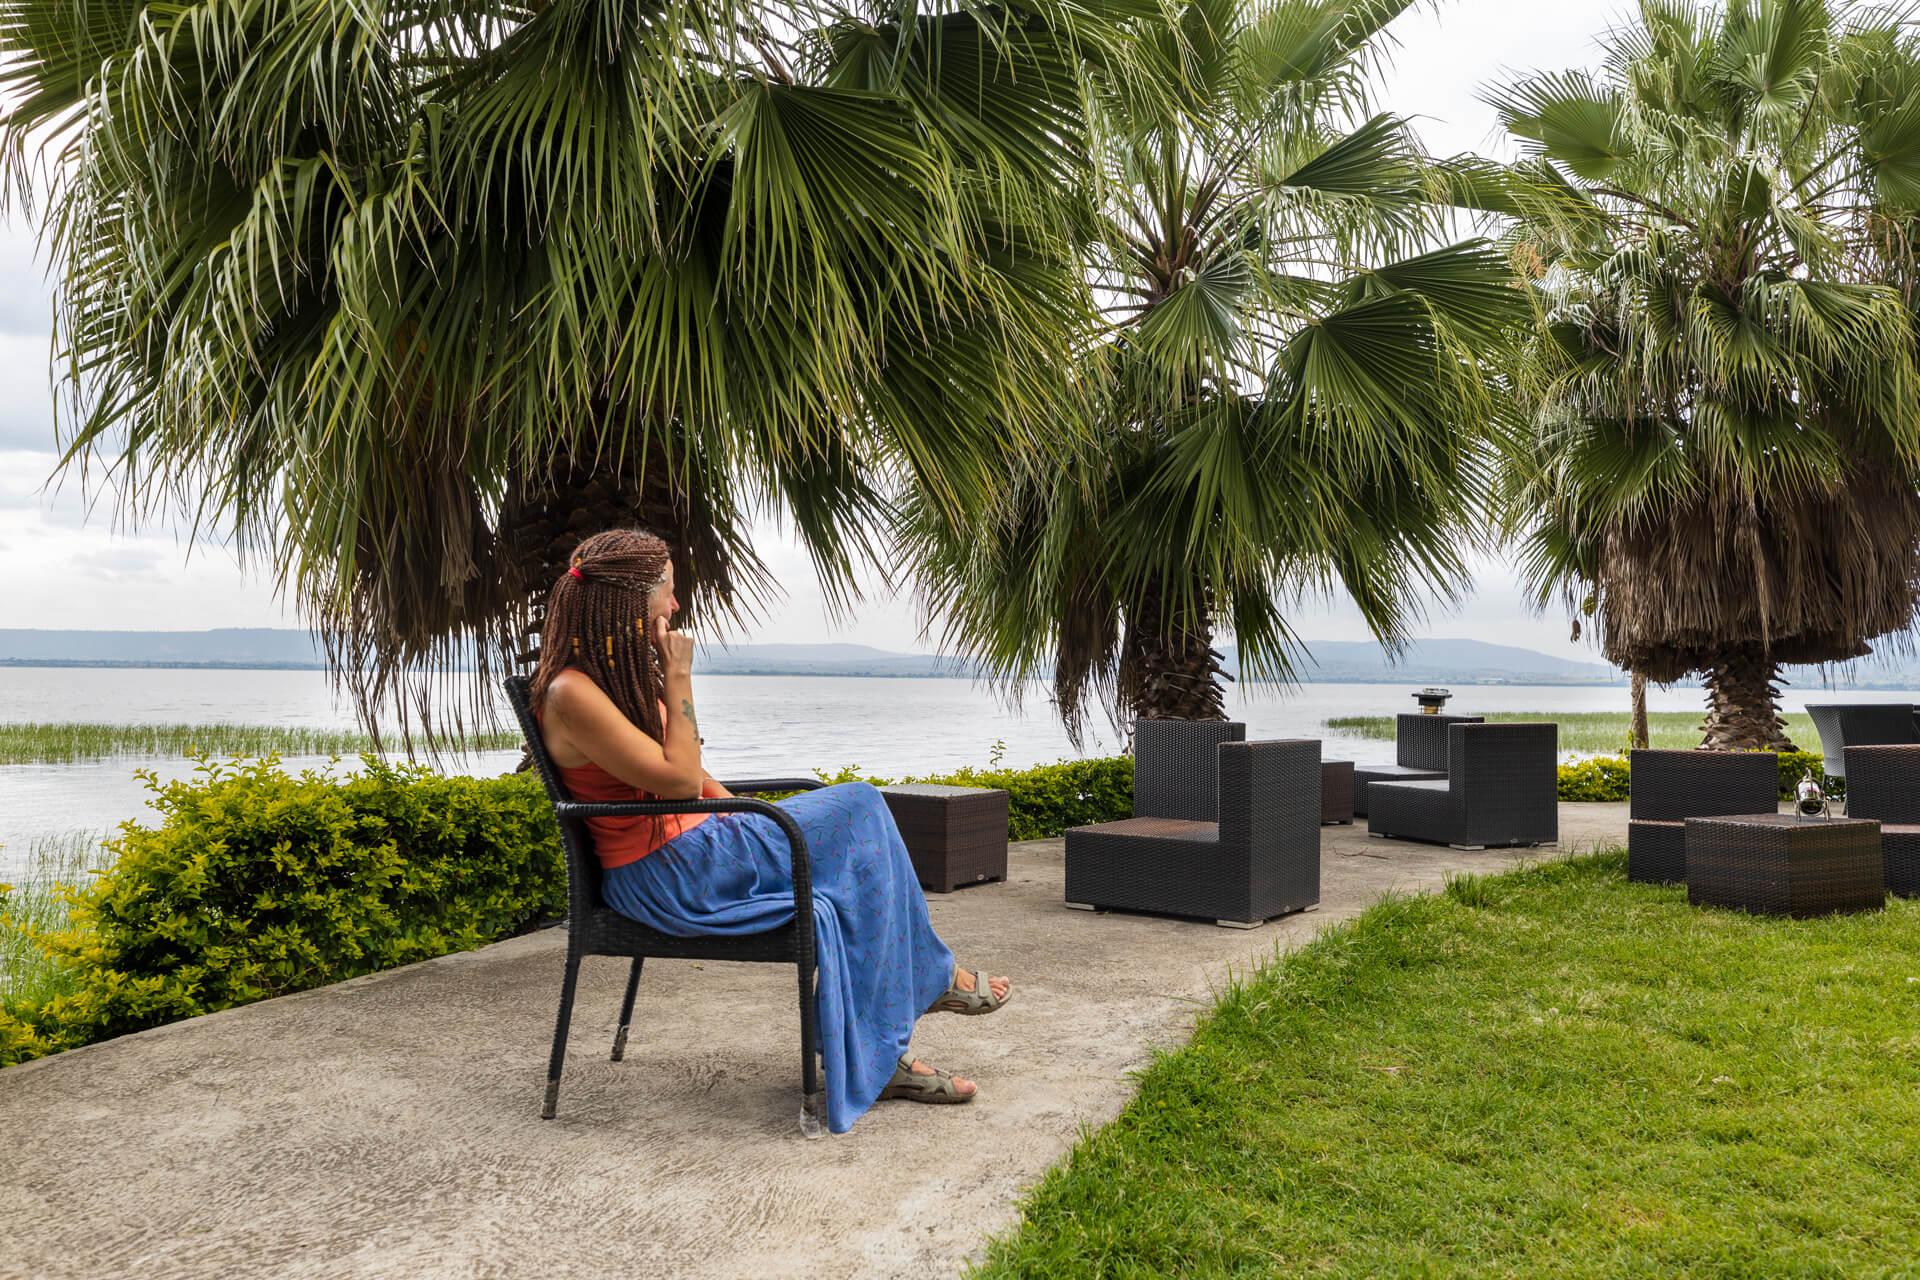 Athiopia-lake Hawassa-city-nature-traveling-beauty